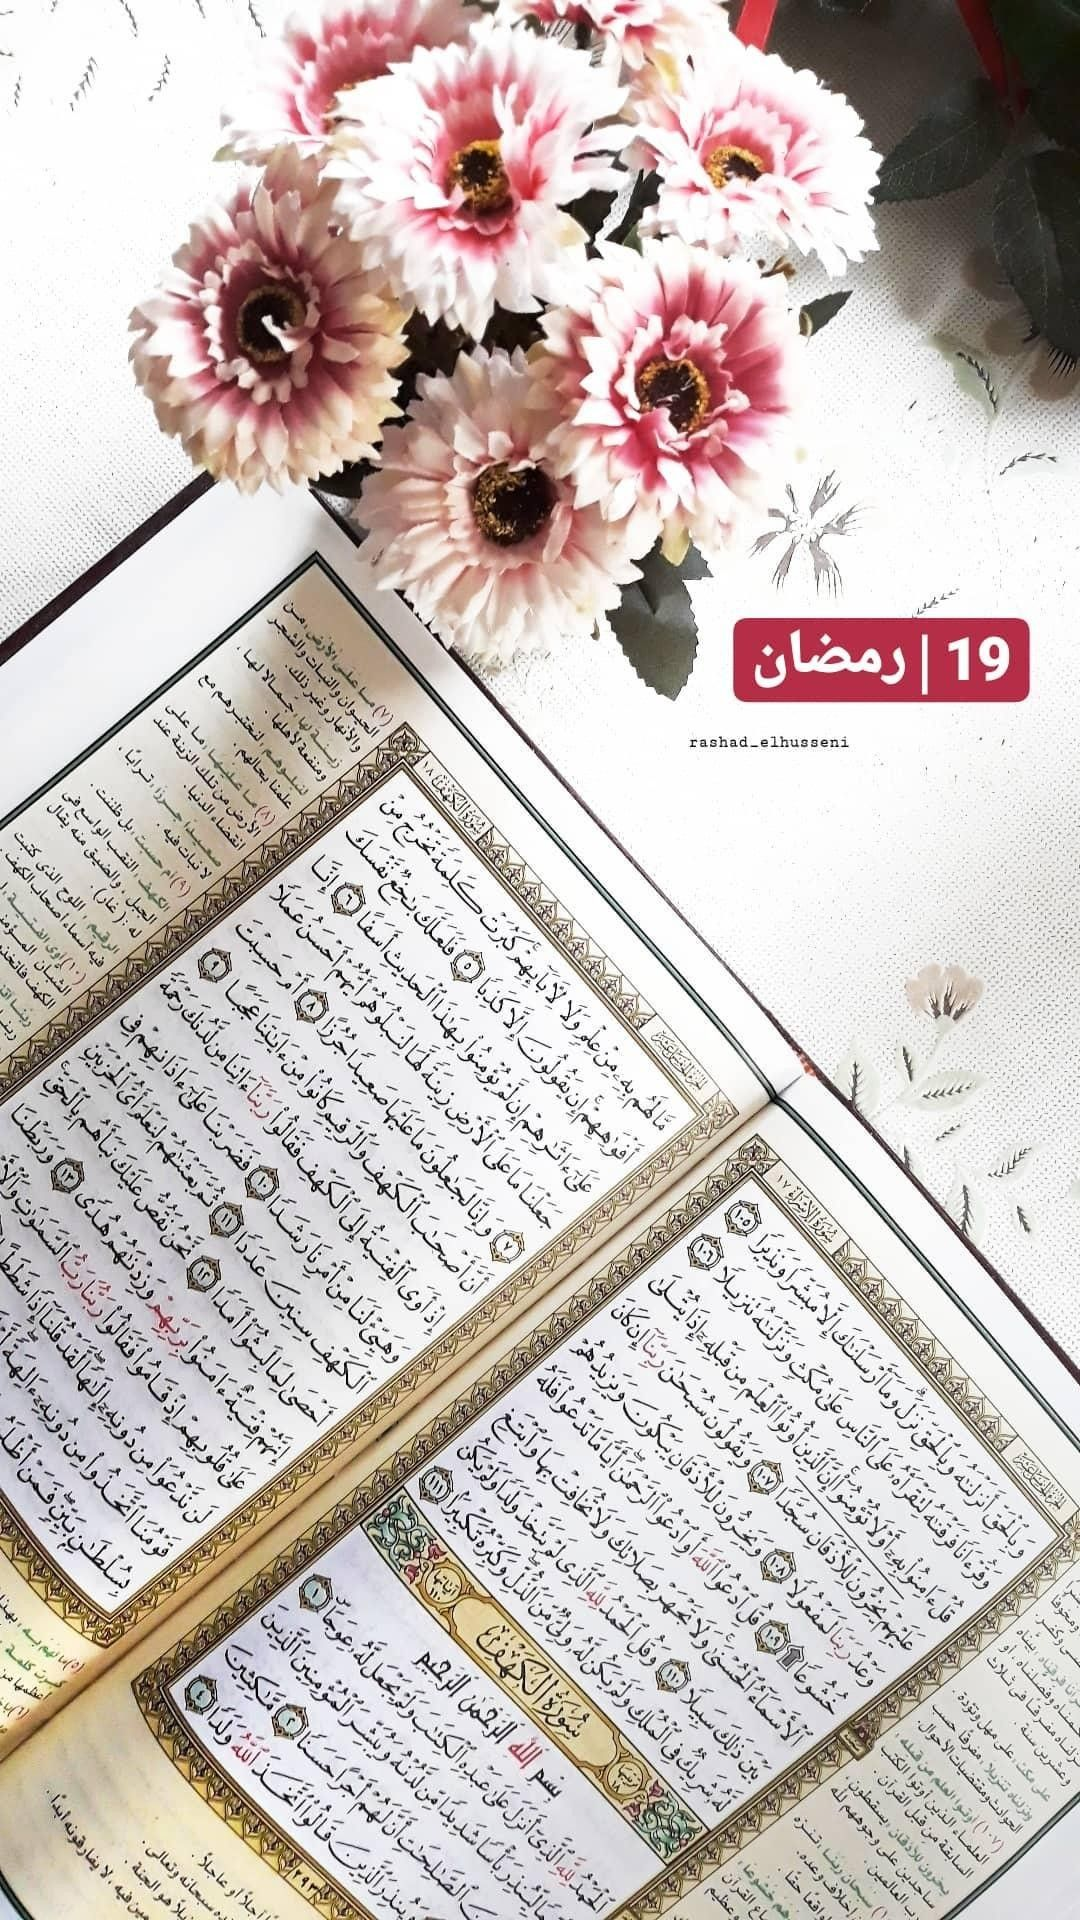 19 رمضان Instagram Photo Instagram Photo